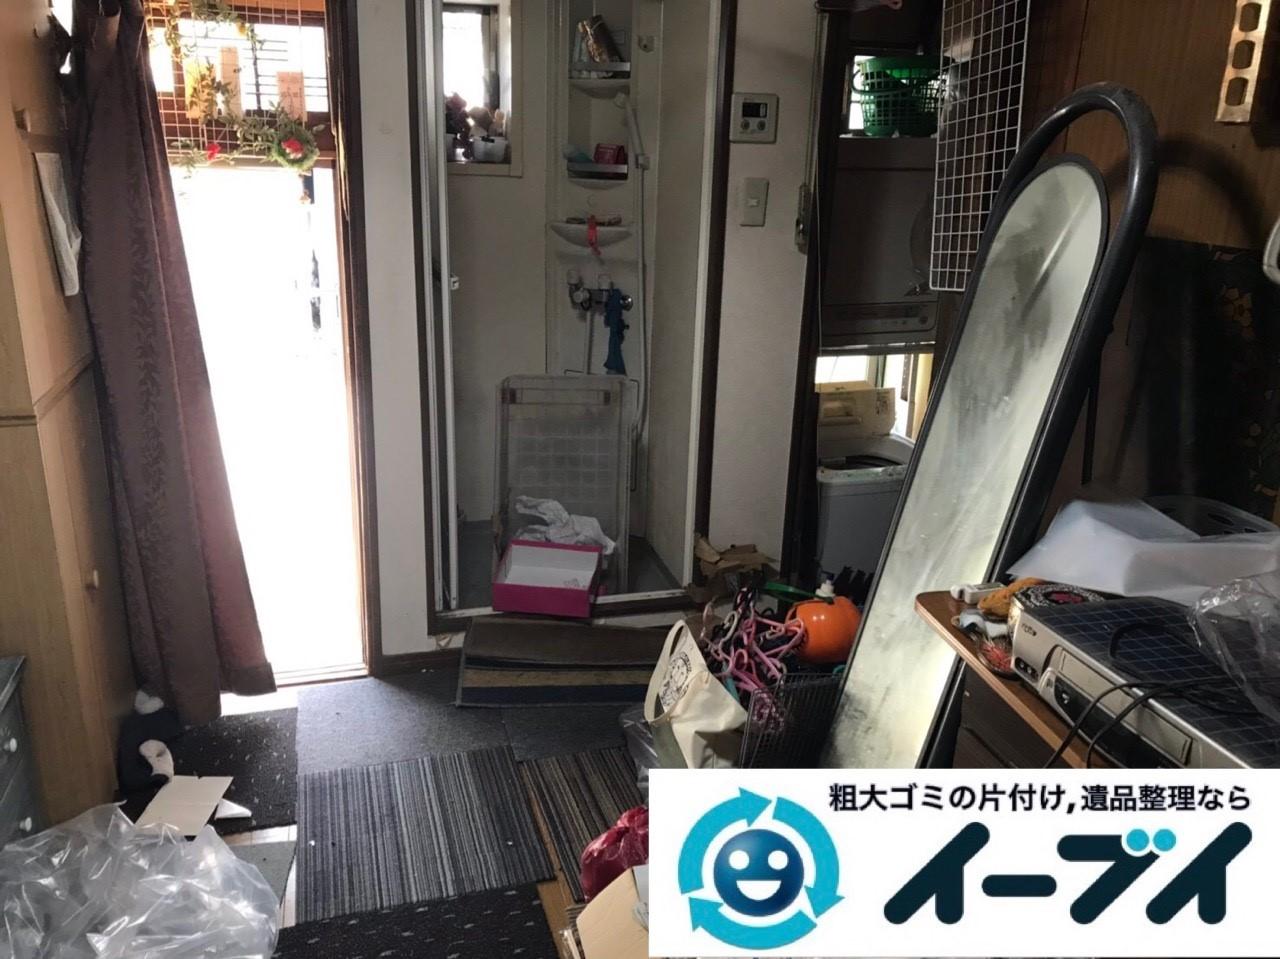 2019年6月20日大阪府大阪市浪速区でマンションの一室の不用品回収をさせていただきました。写真2